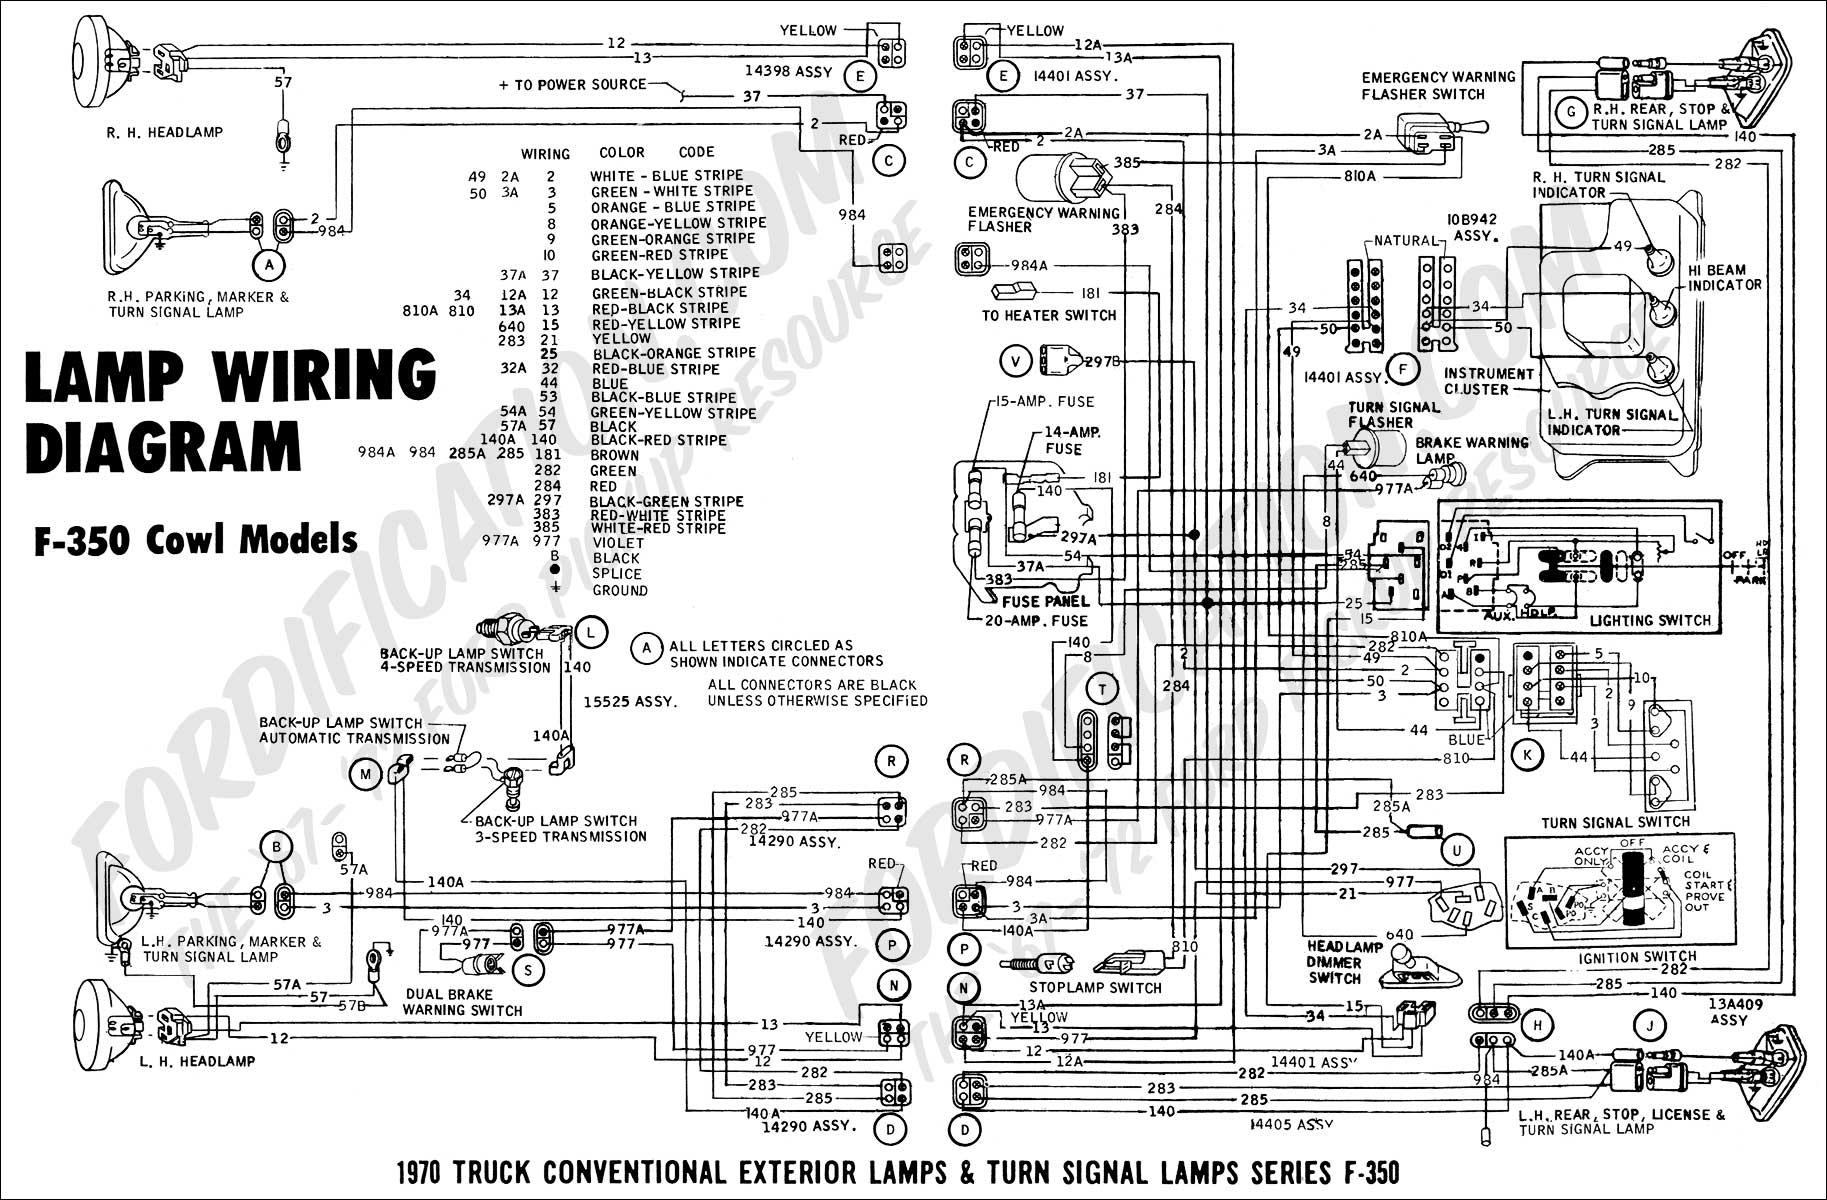 2000 dodge dakota truck wiring diagram dakota download